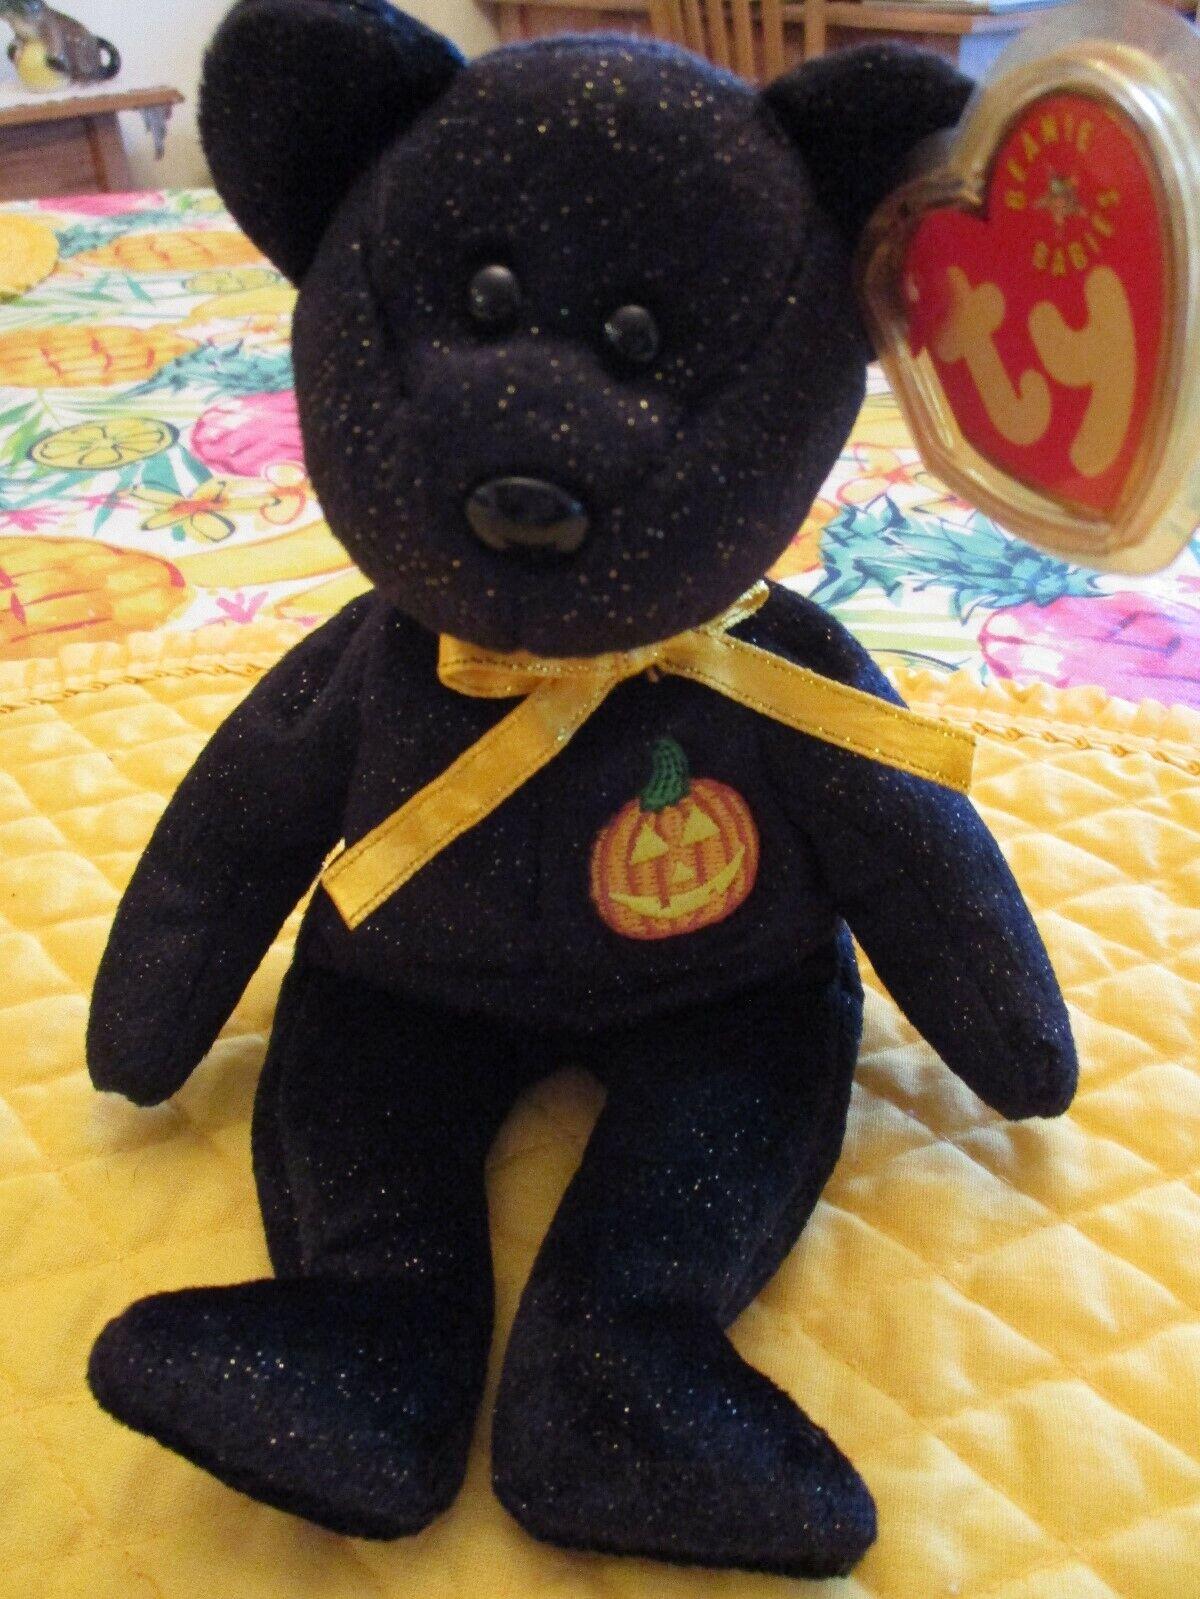 El oso de Halloween beanie tiene la etiqueta equivocada.